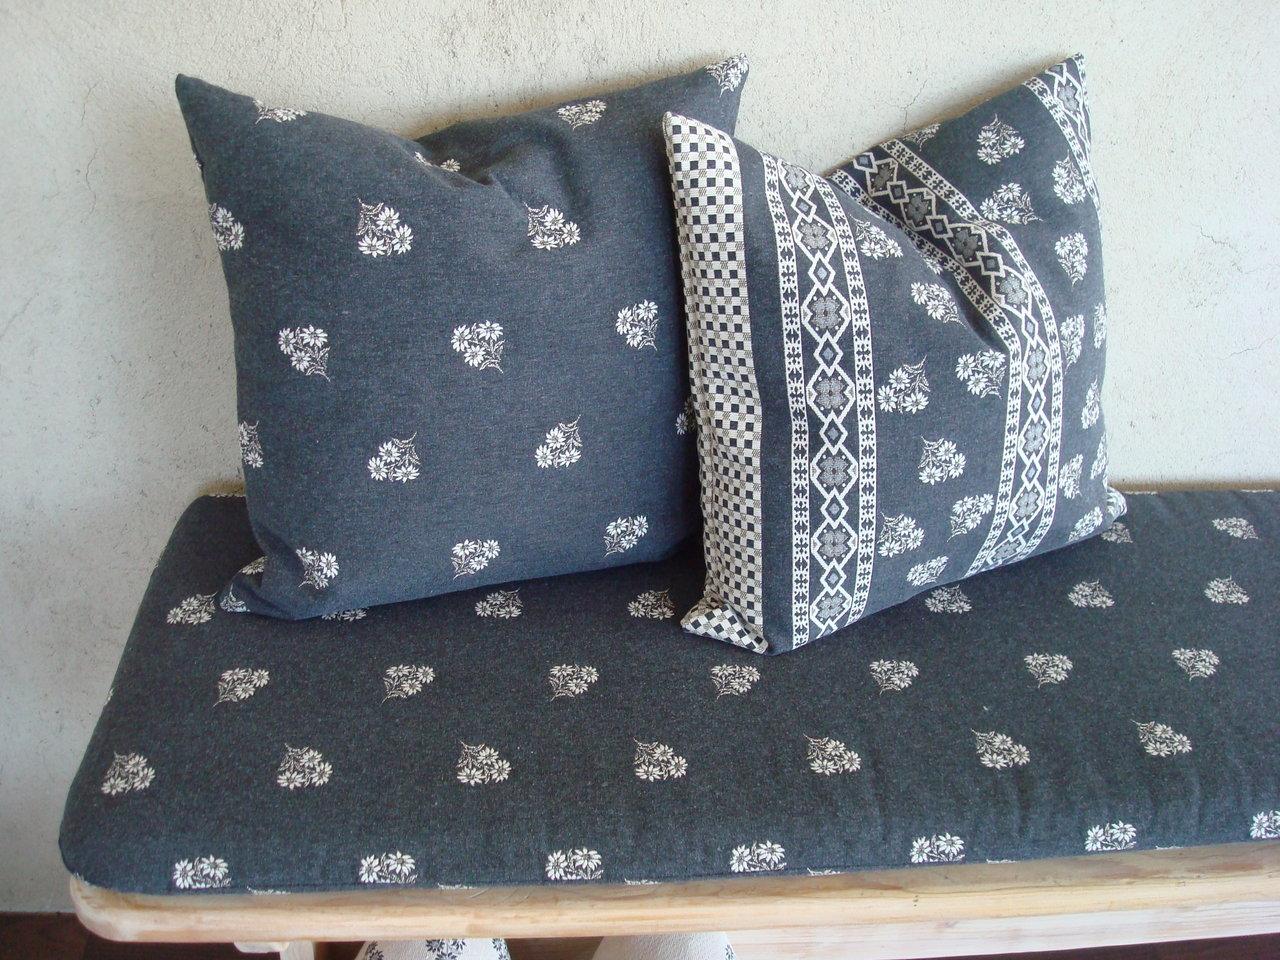 kissenh llen h ttenstil bequemer sitzen. Black Bedroom Furniture Sets. Home Design Ideas